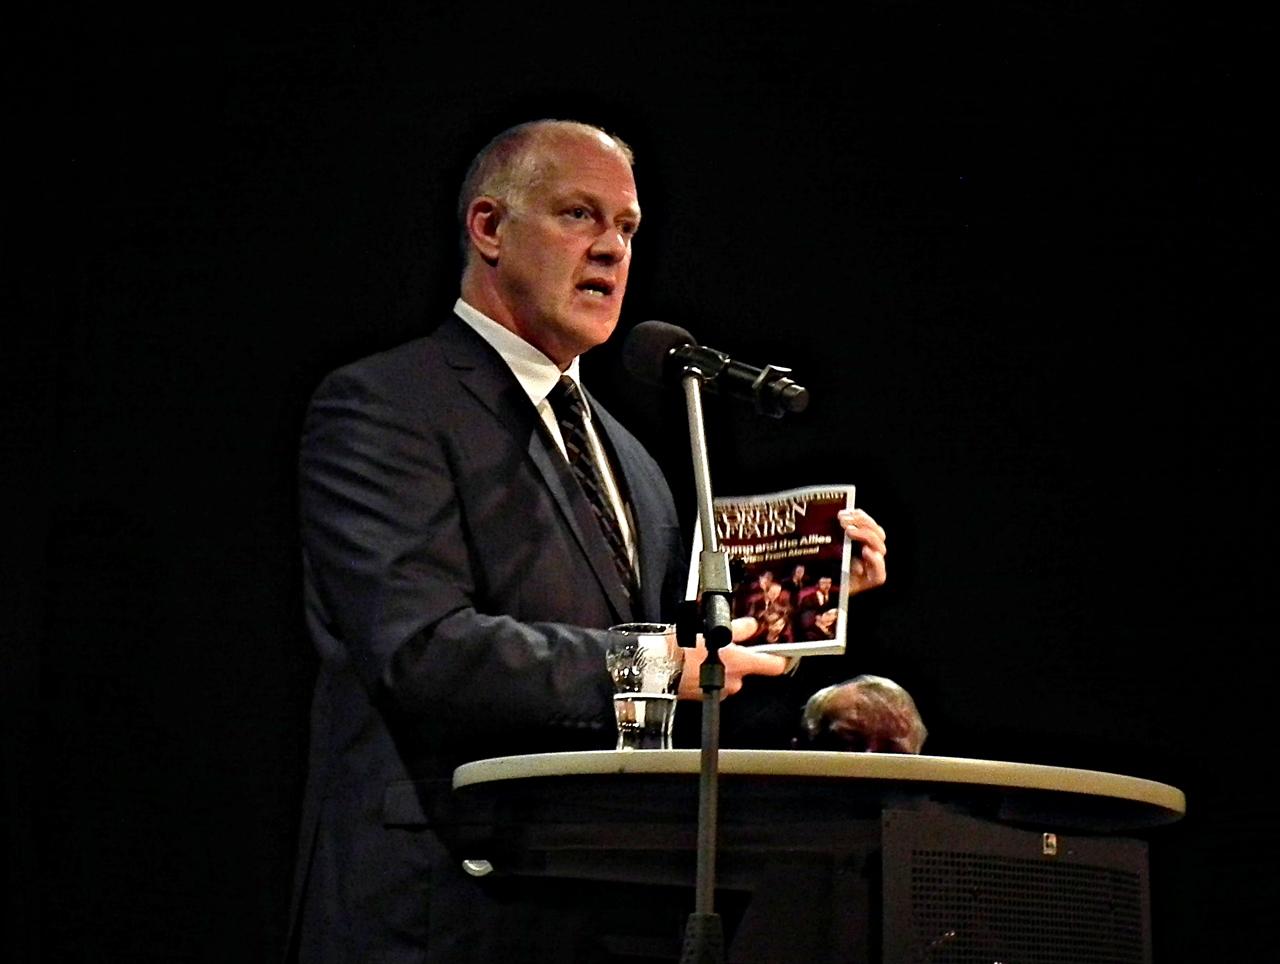 Politikwissenschaftler Dr. Andrew Denison referierte am Donnerstagabend, 5. Oktober 2017, auf Einladung von Ulrich P. Schmalz, dem Initiator des Marienthaler Forums, im Foyer des Wissener Kulturwerks über Trumps Amerika